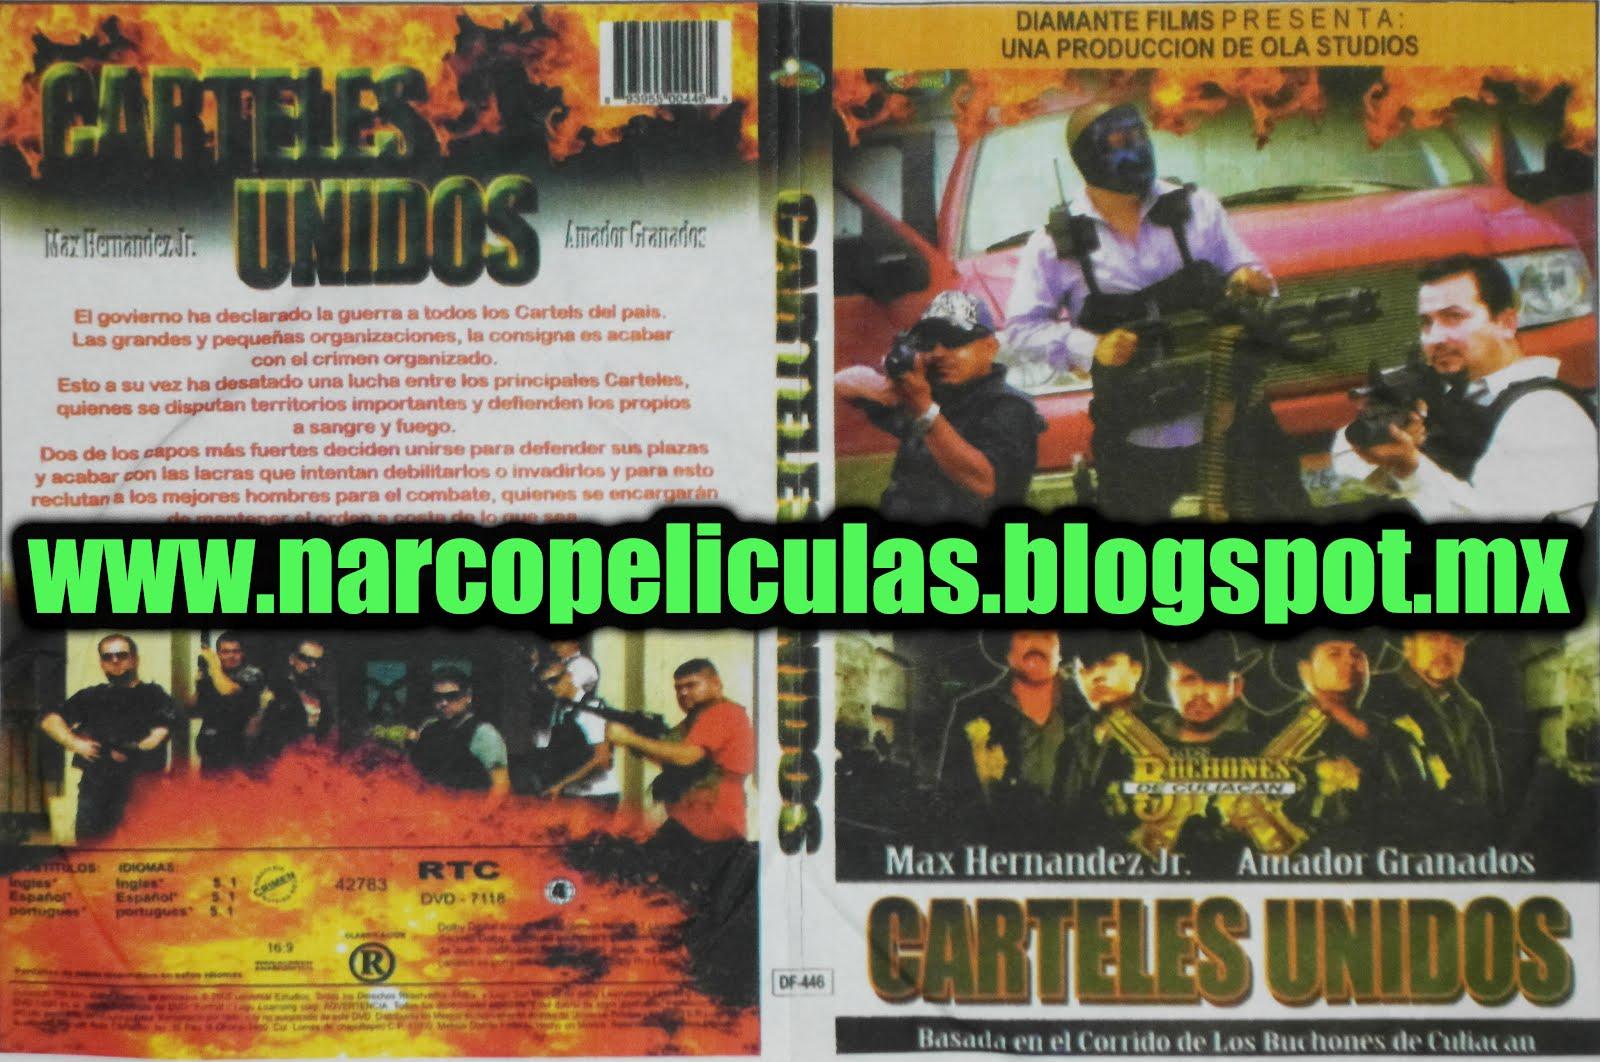 Carteles unidos 2012 - DvDRip.